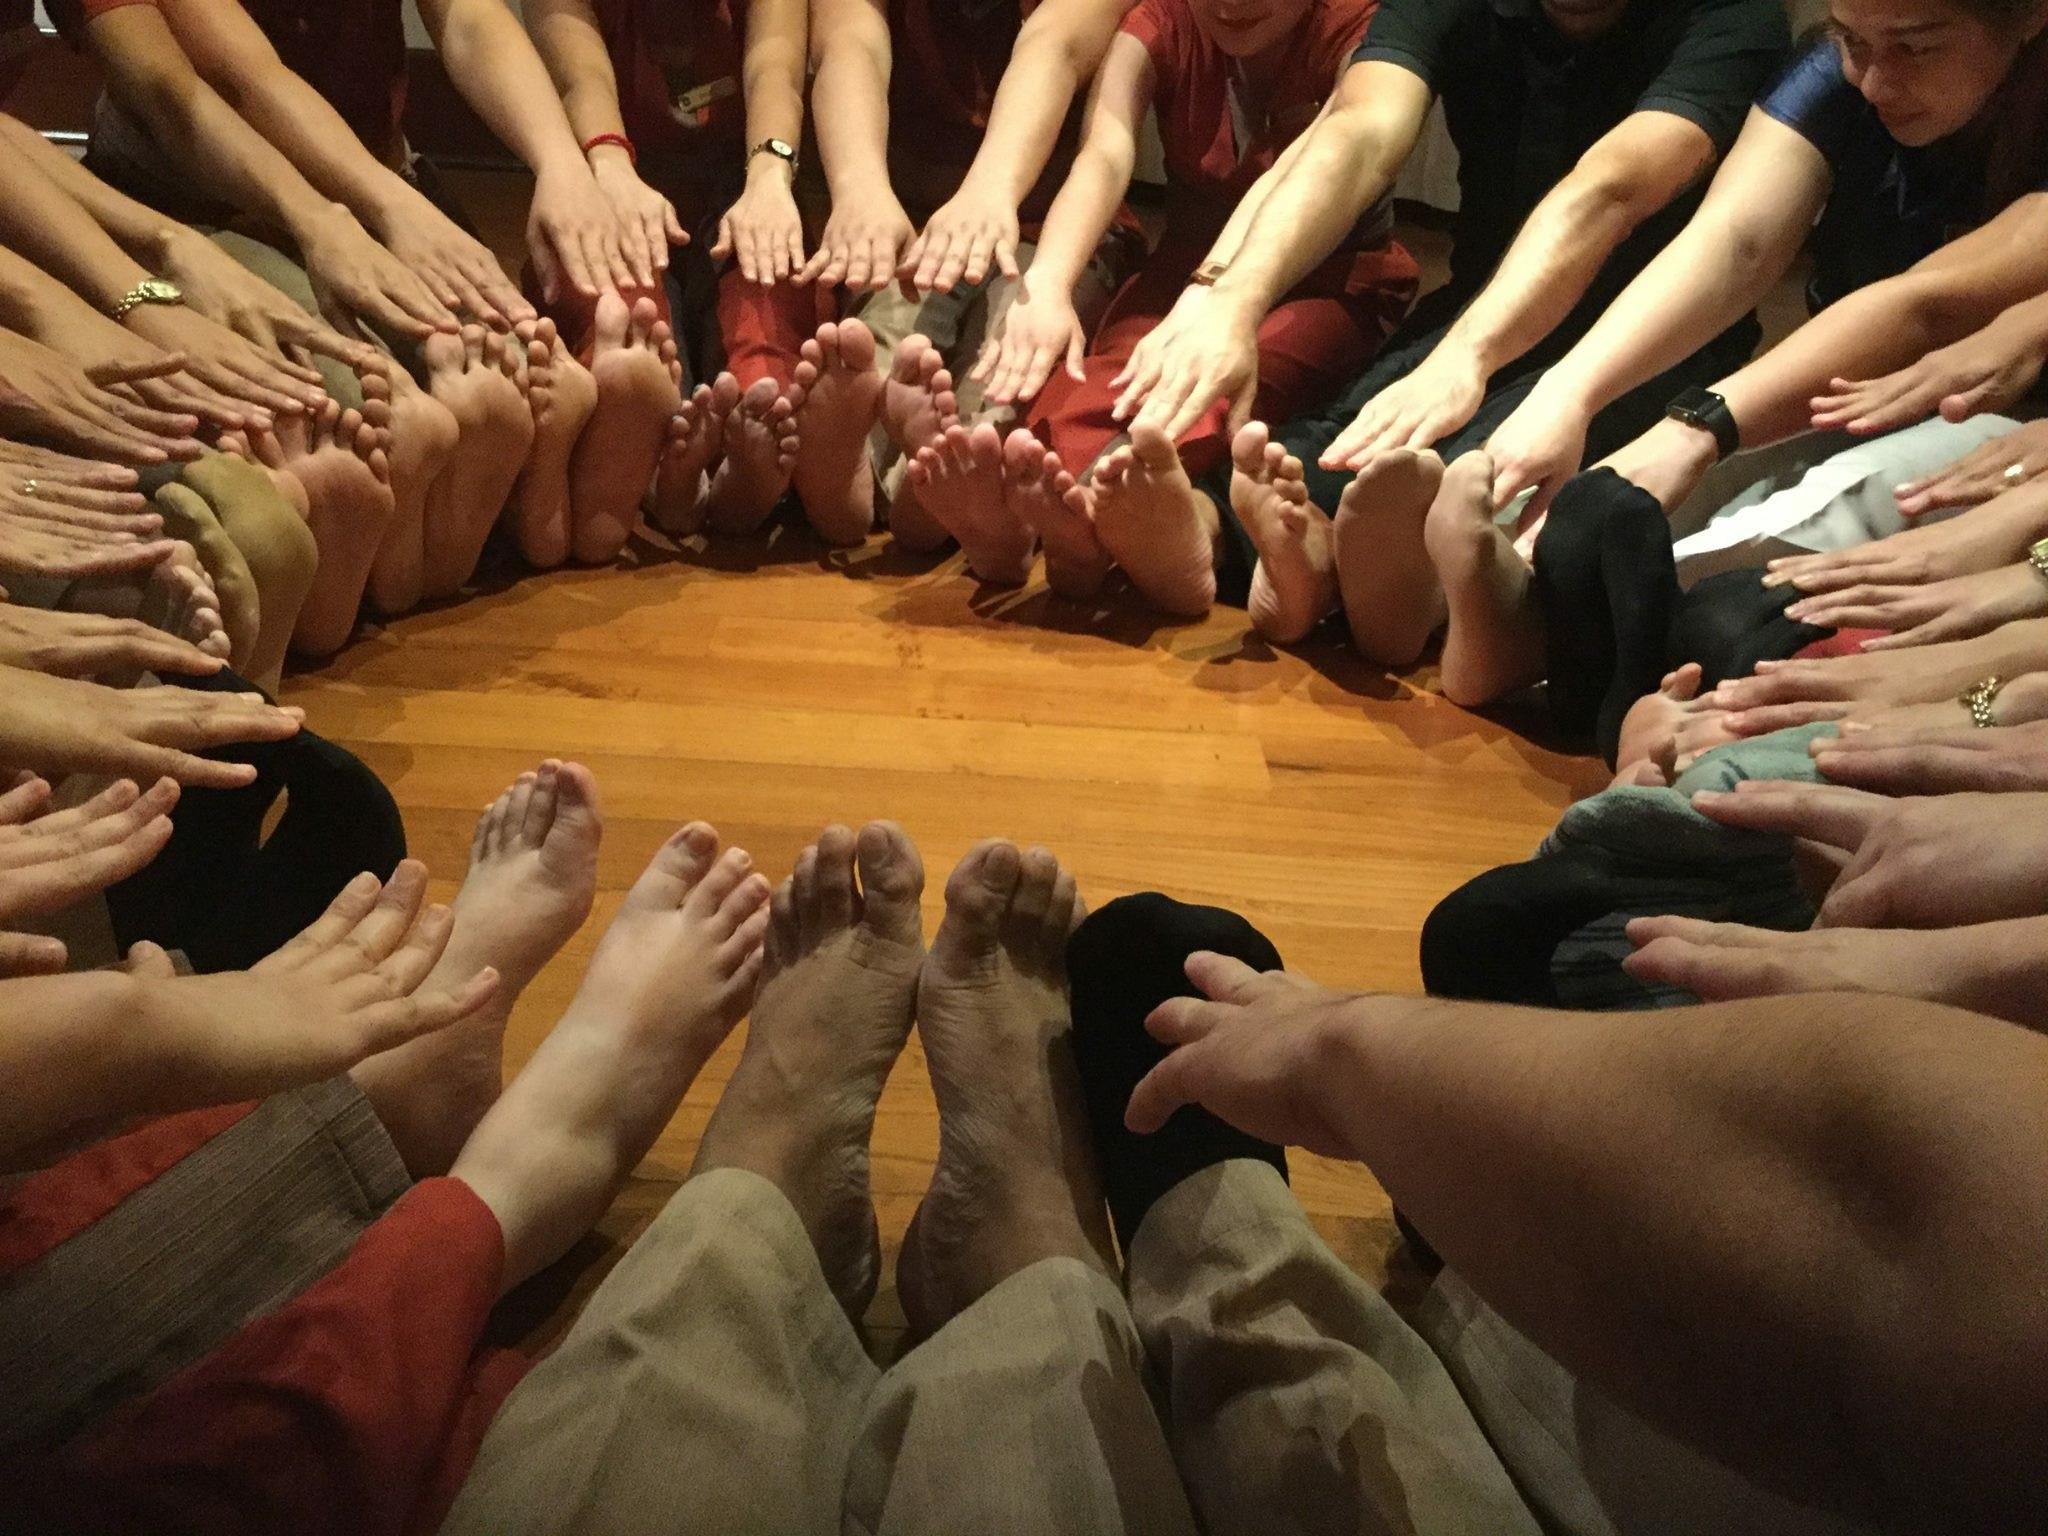 picioare - sfatulparintilor.ro - pixabay_com - feet-2191155